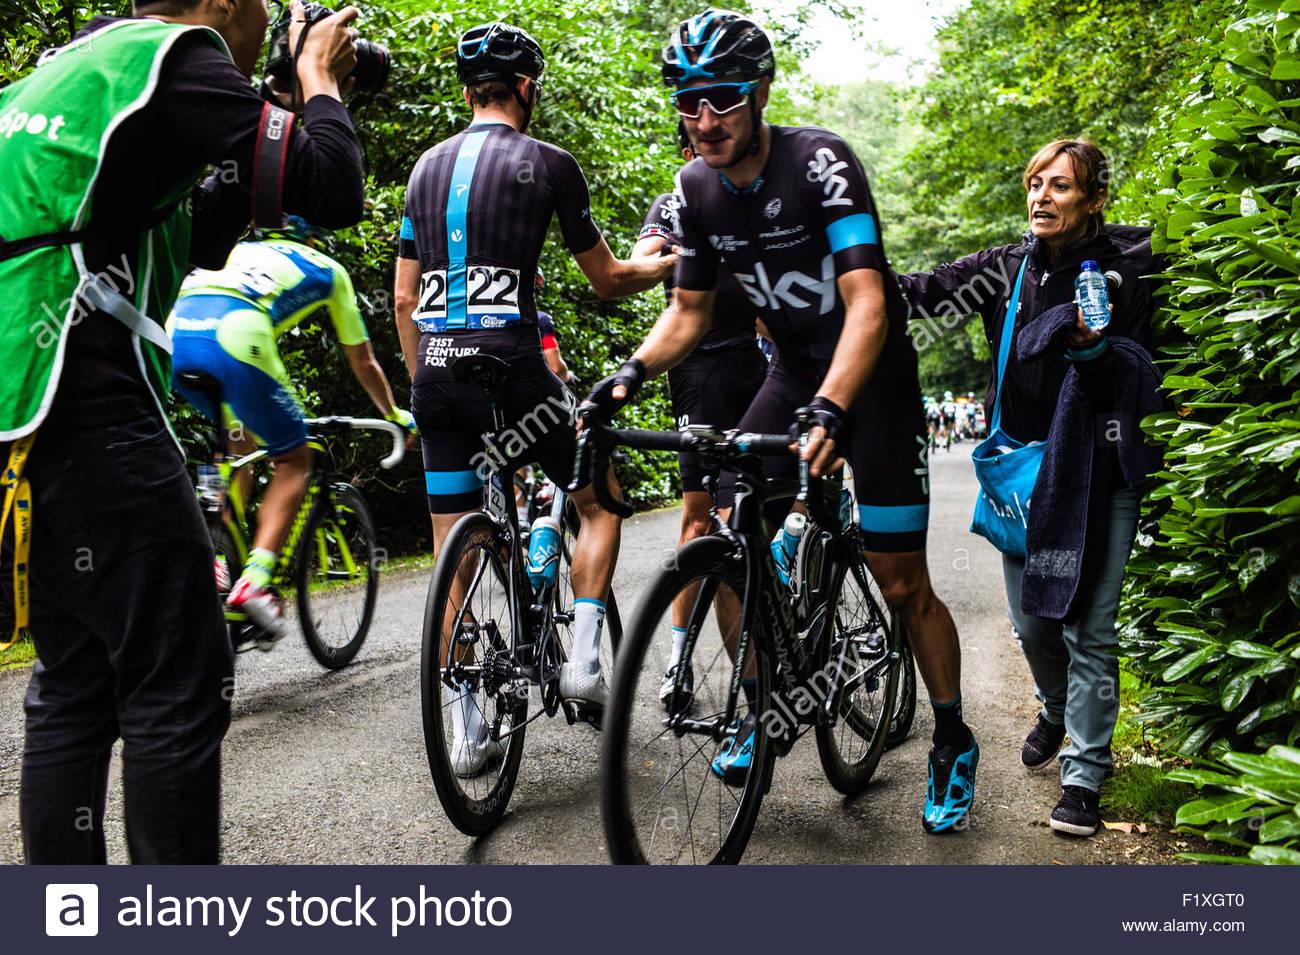 Cycling Photographer Stock Photos   Cycling Photographer Stock ... 747b0fb63